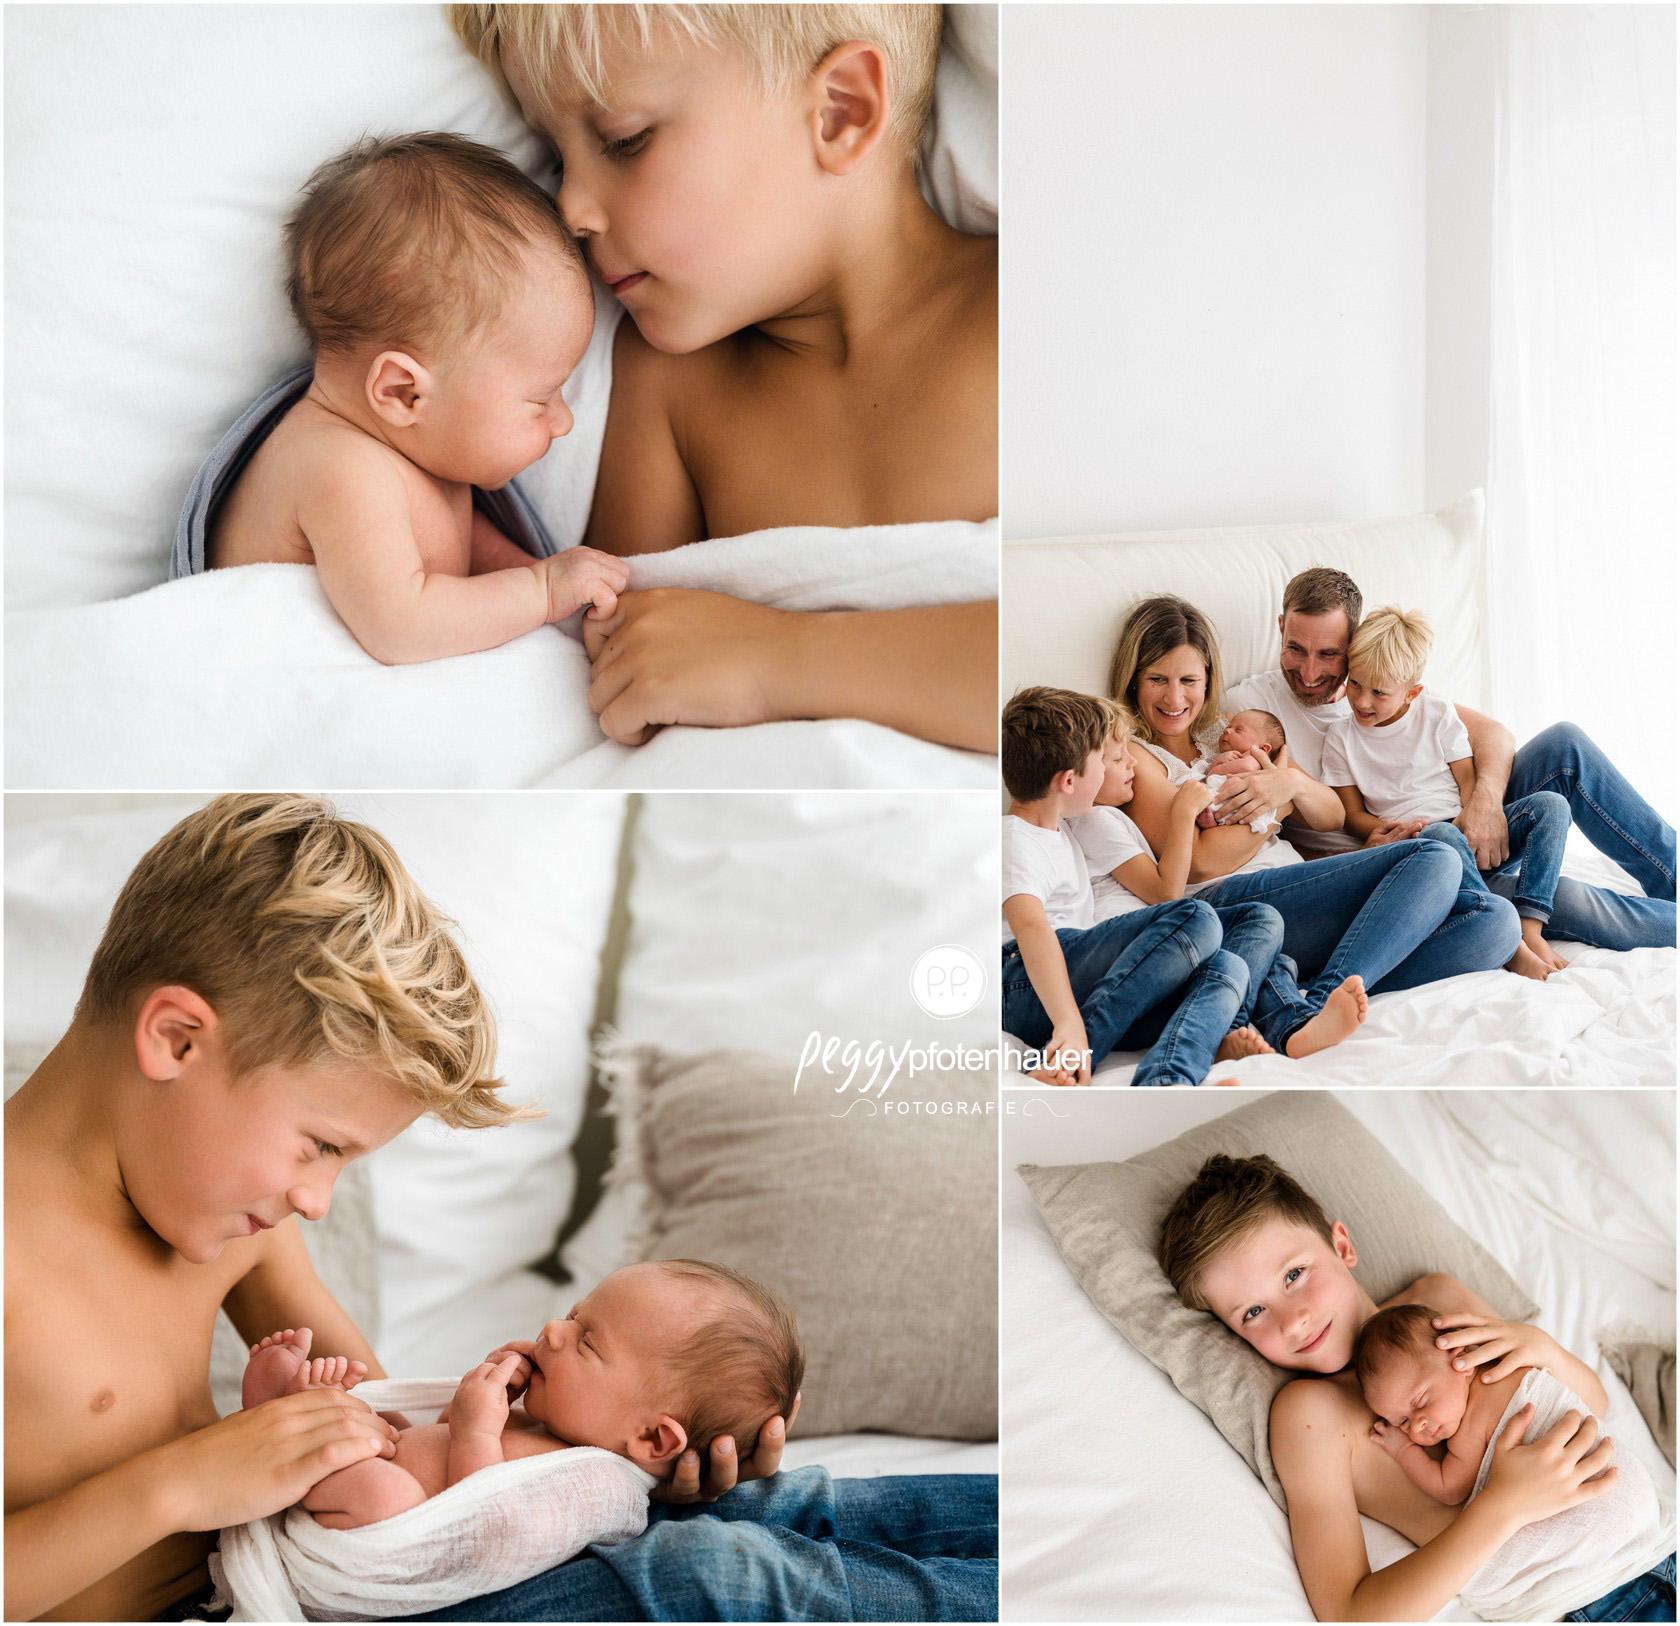 stilvolle Familienbilder